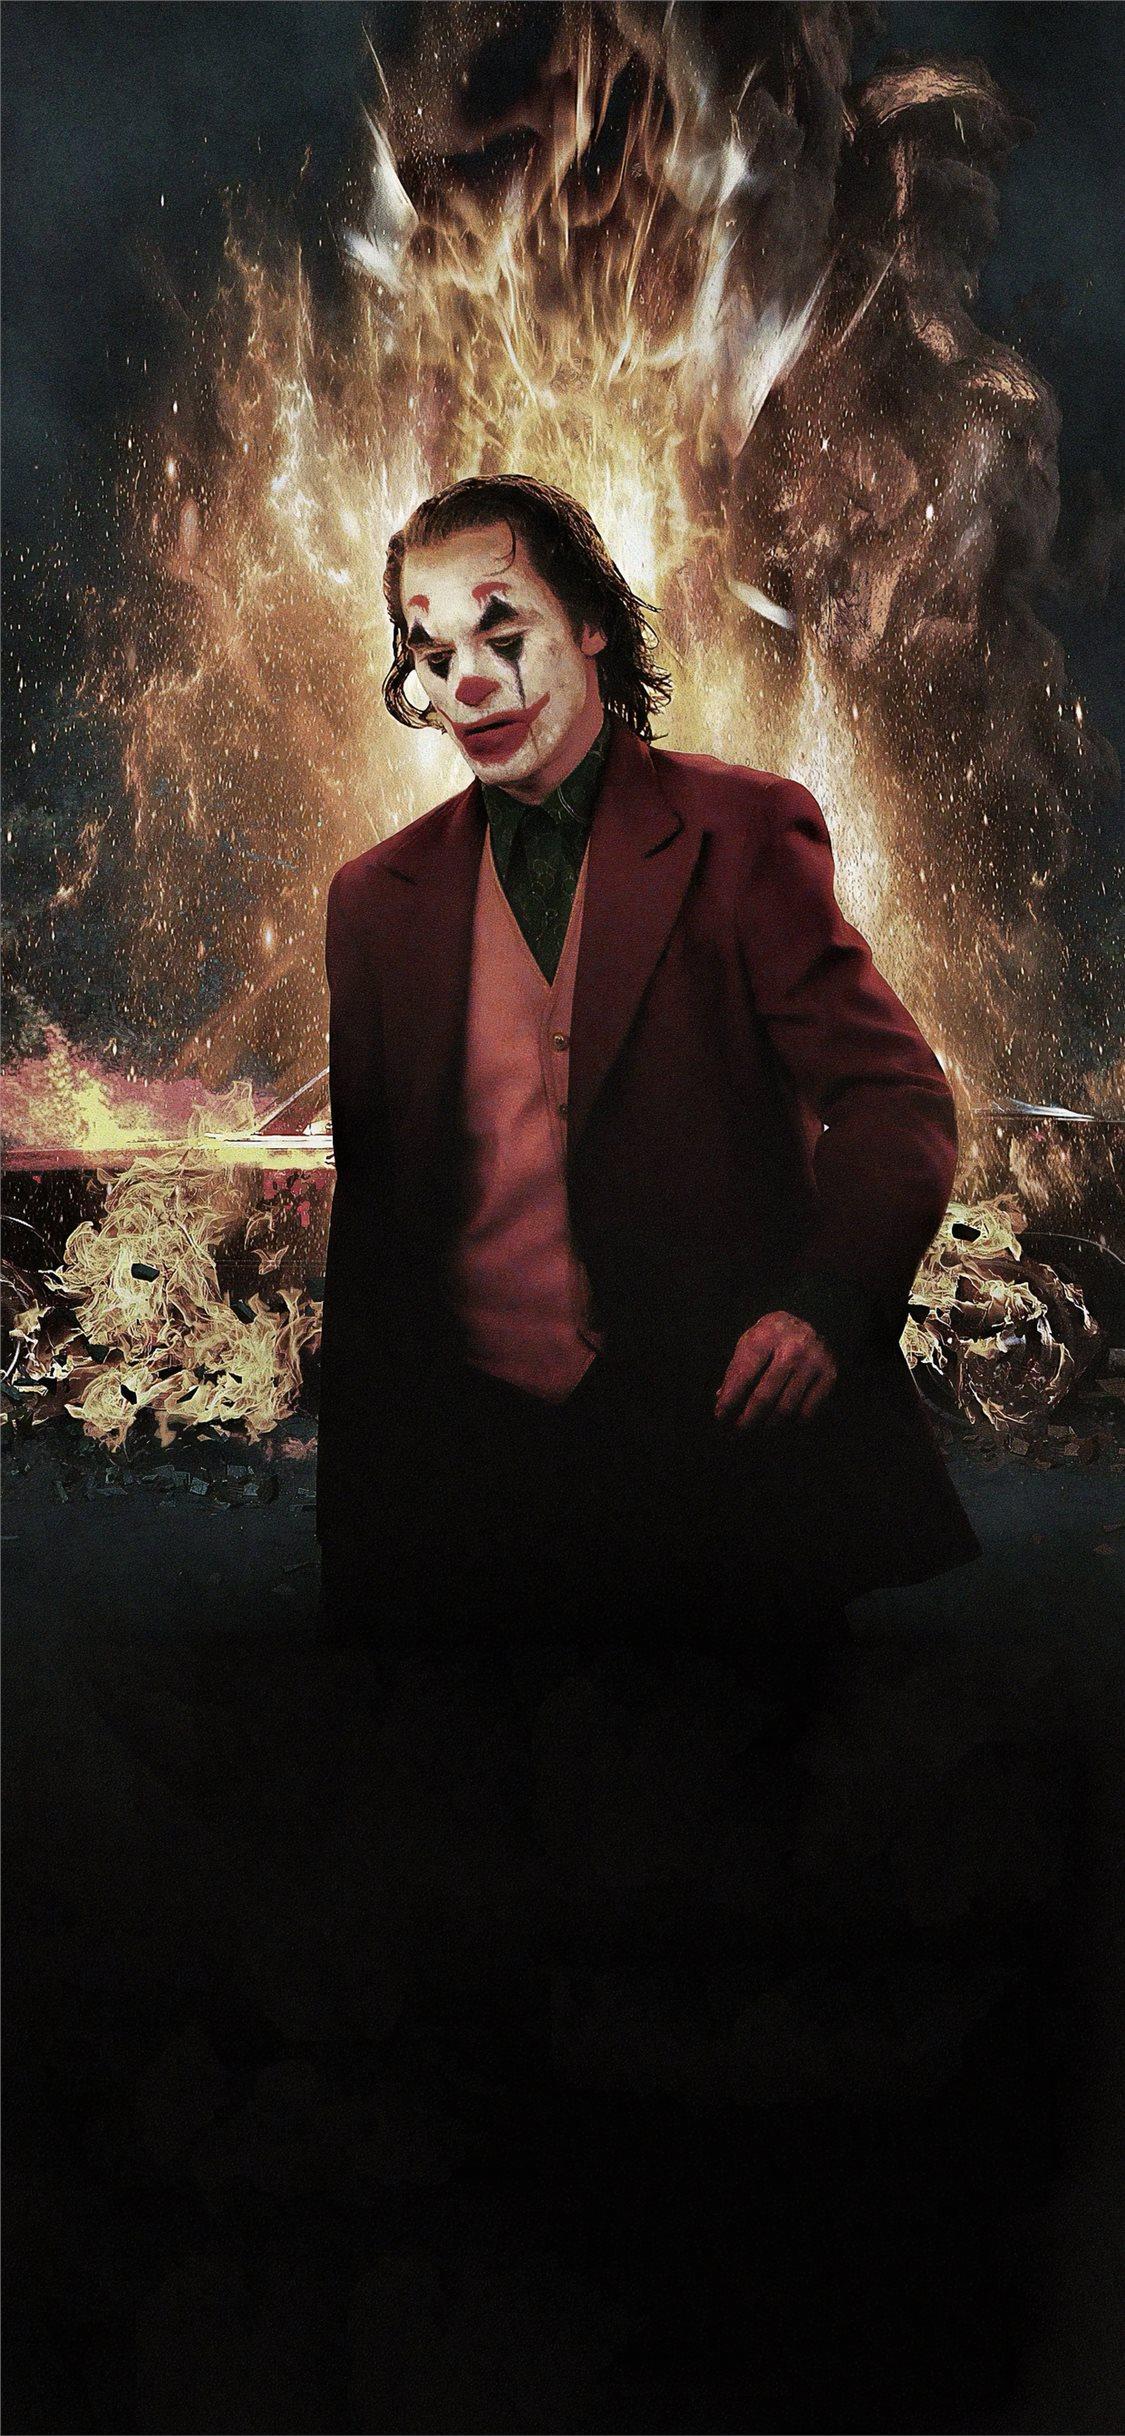 Joker Movie Iphone Wallpapers Wallpaper Cave